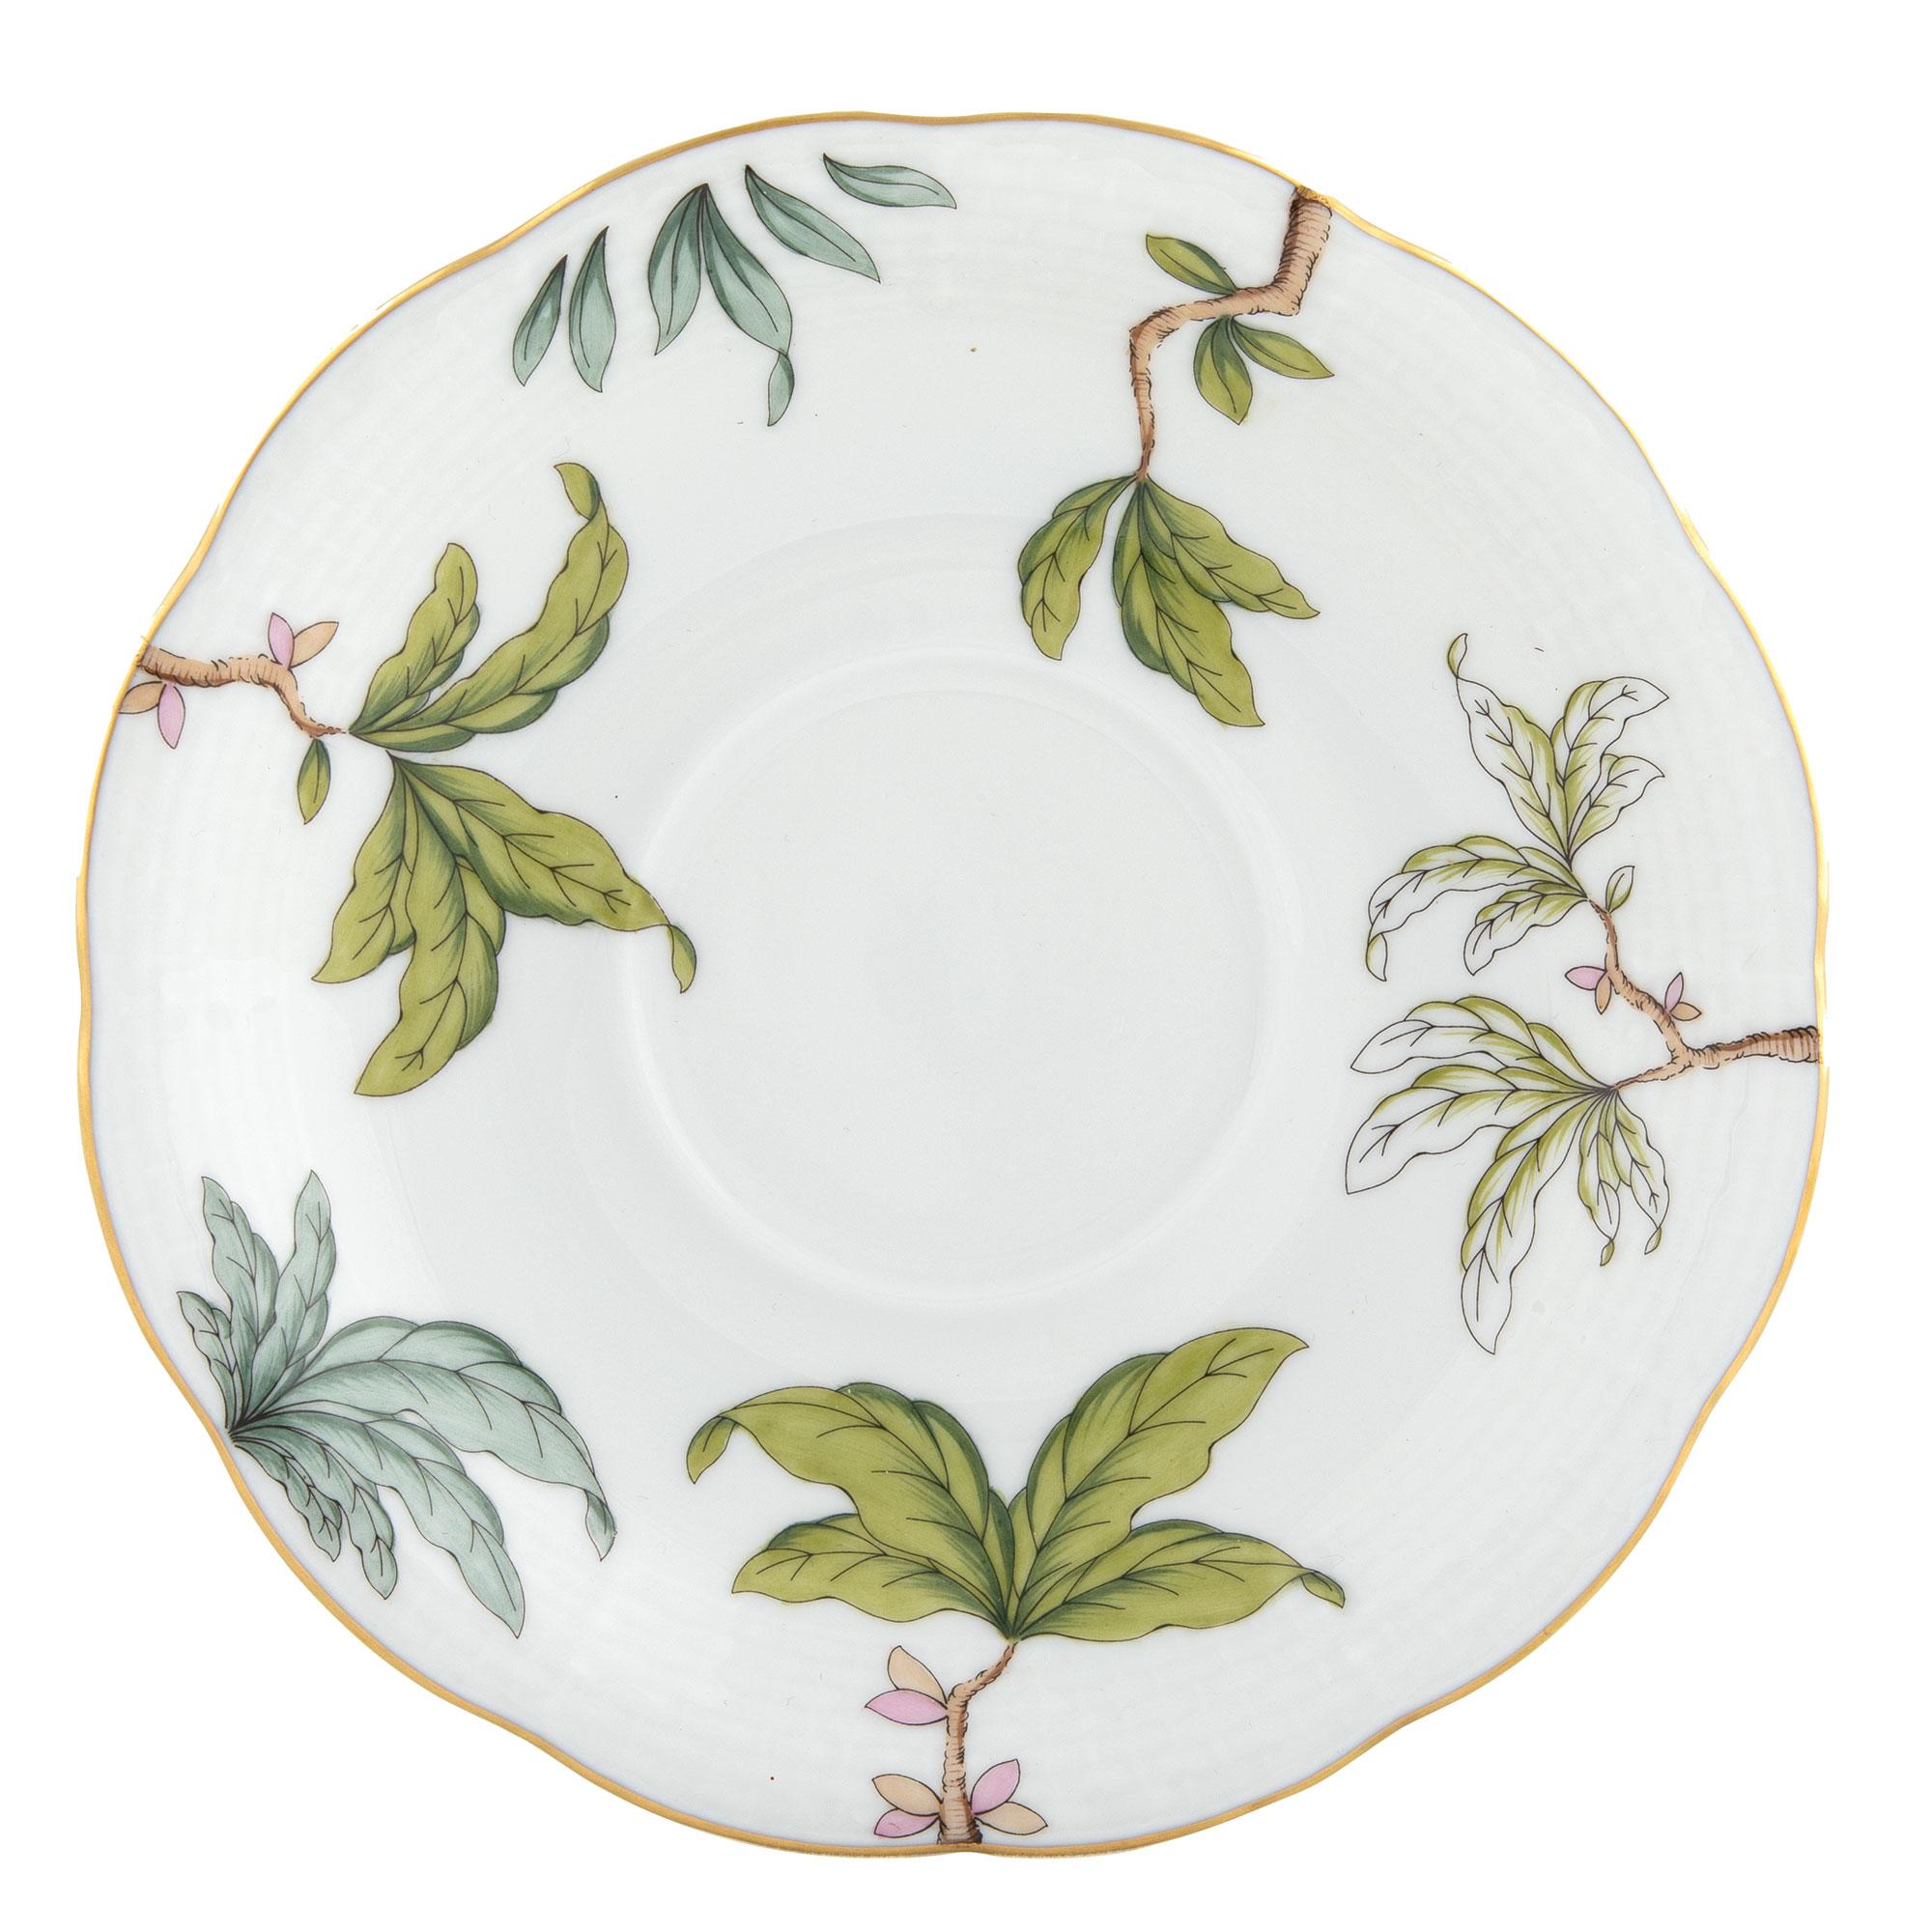 herend-foret-garland-tea-saucer-foretg00734-1-00.jpg